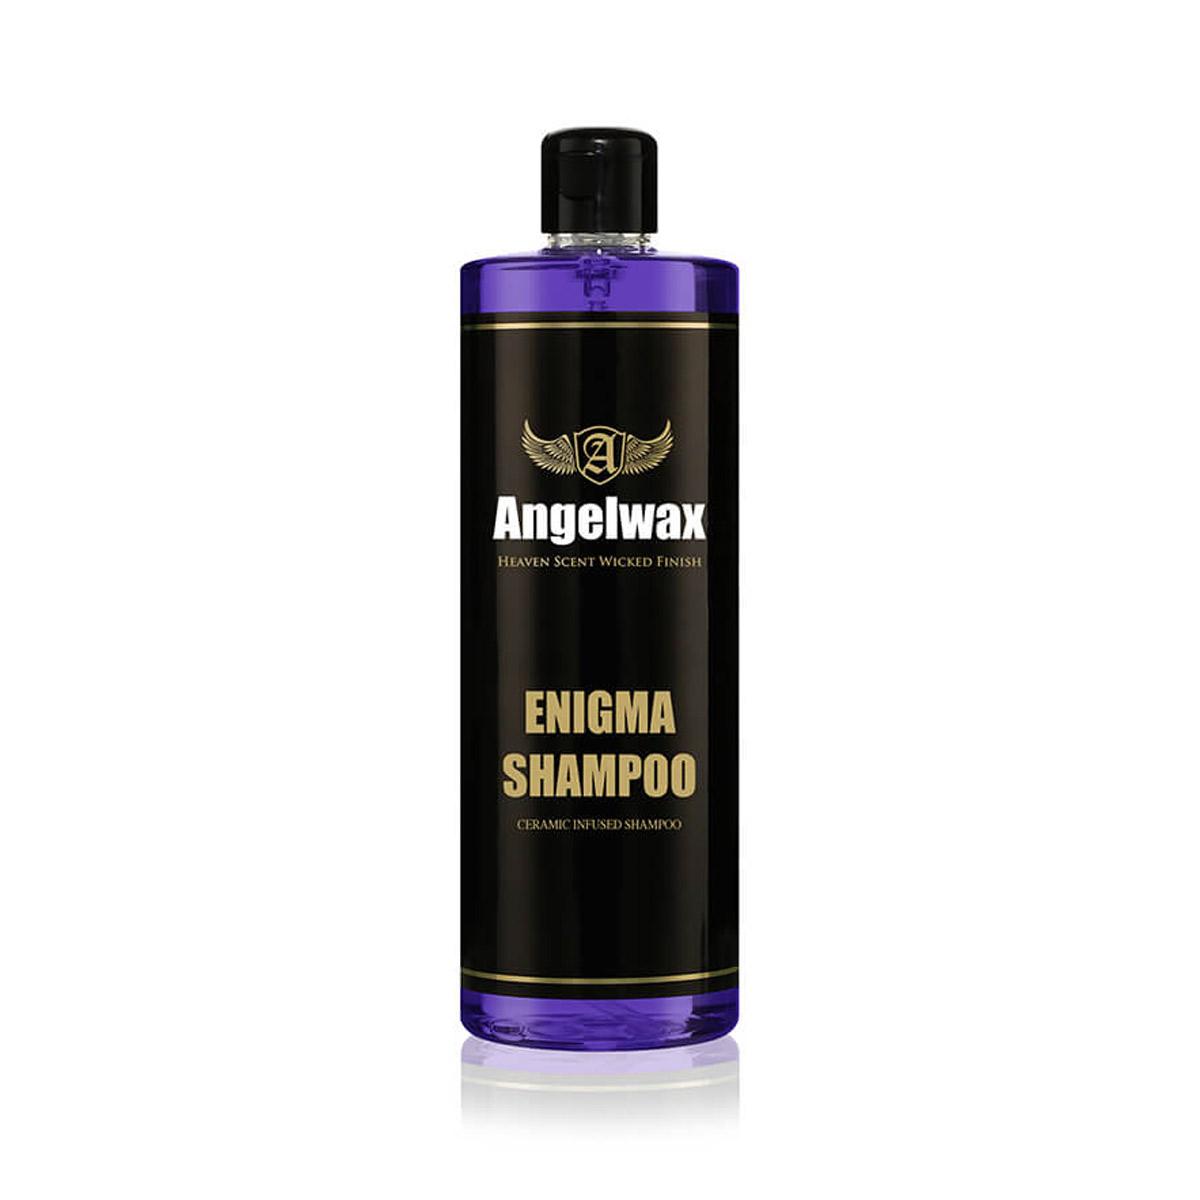 Bilschampo Angelwax Enigma Shampoo, 500 ml